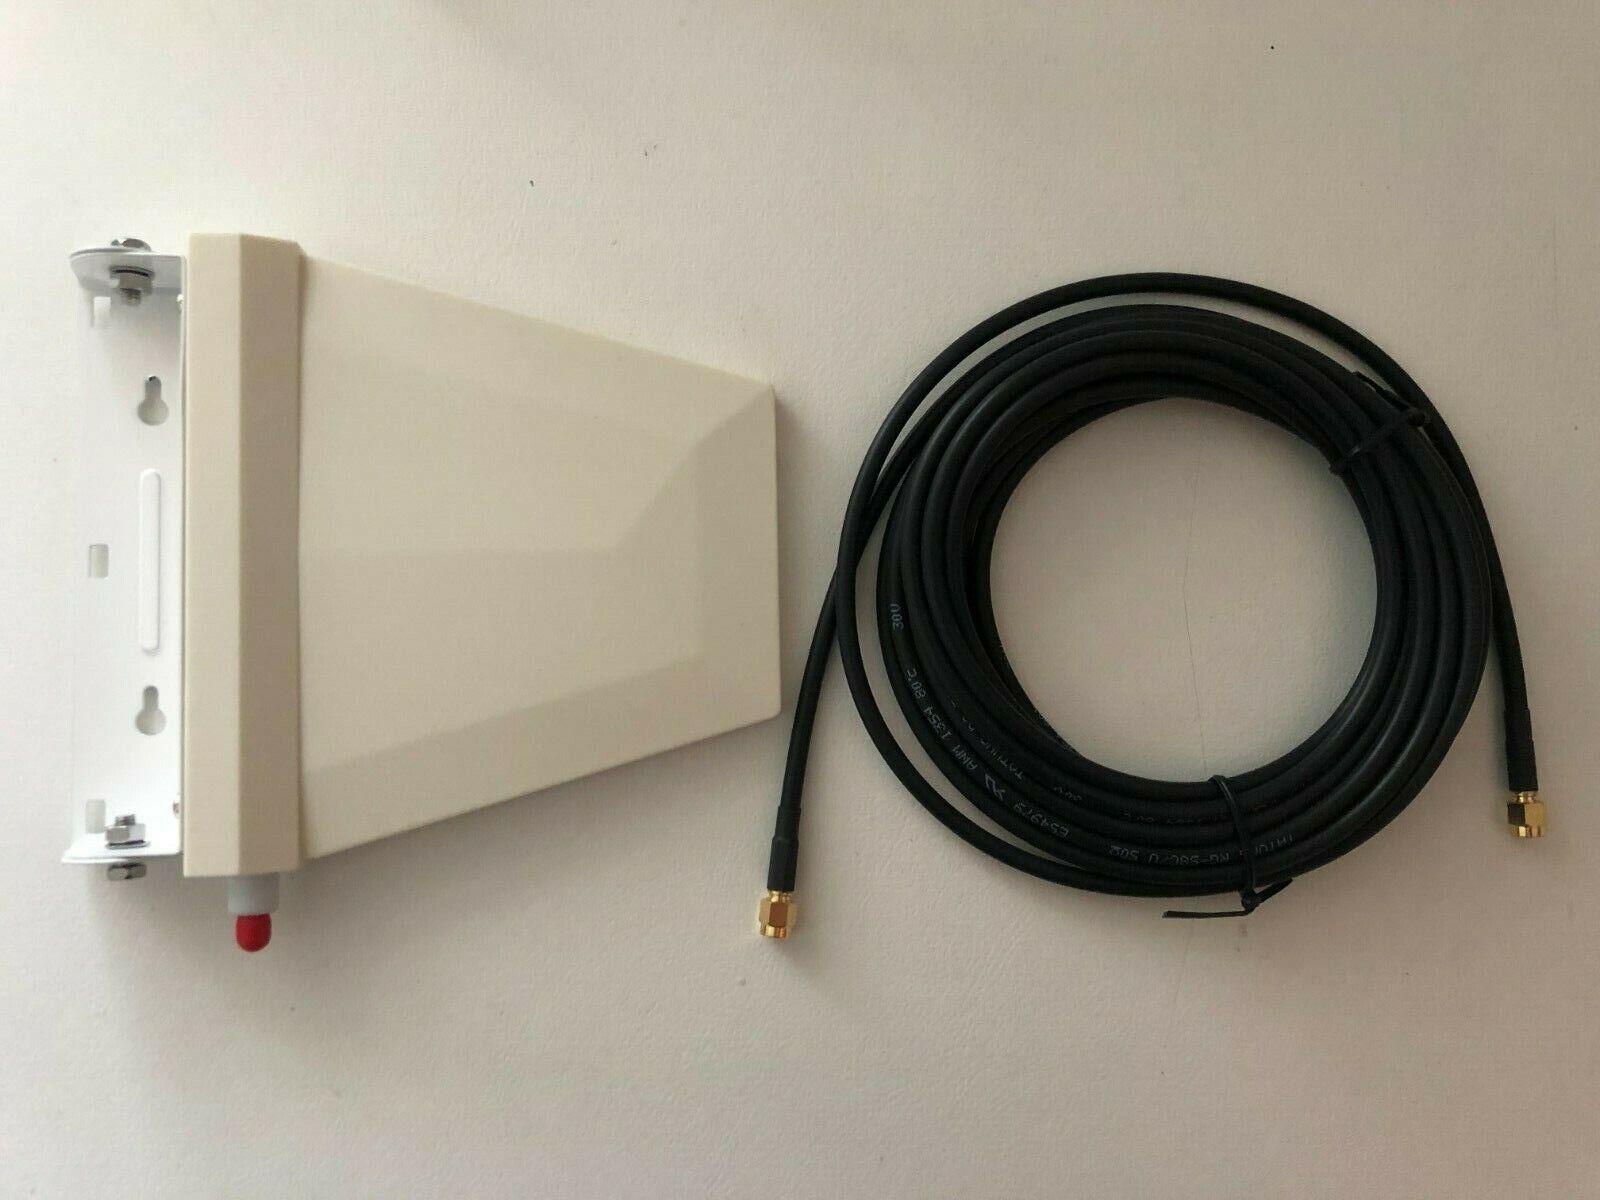 Siretta Oscar 20A2G/GPRS, 3G/UMTS, 4G/5G LTE Yagi Antenna - Brand New. Available Now for 49.00